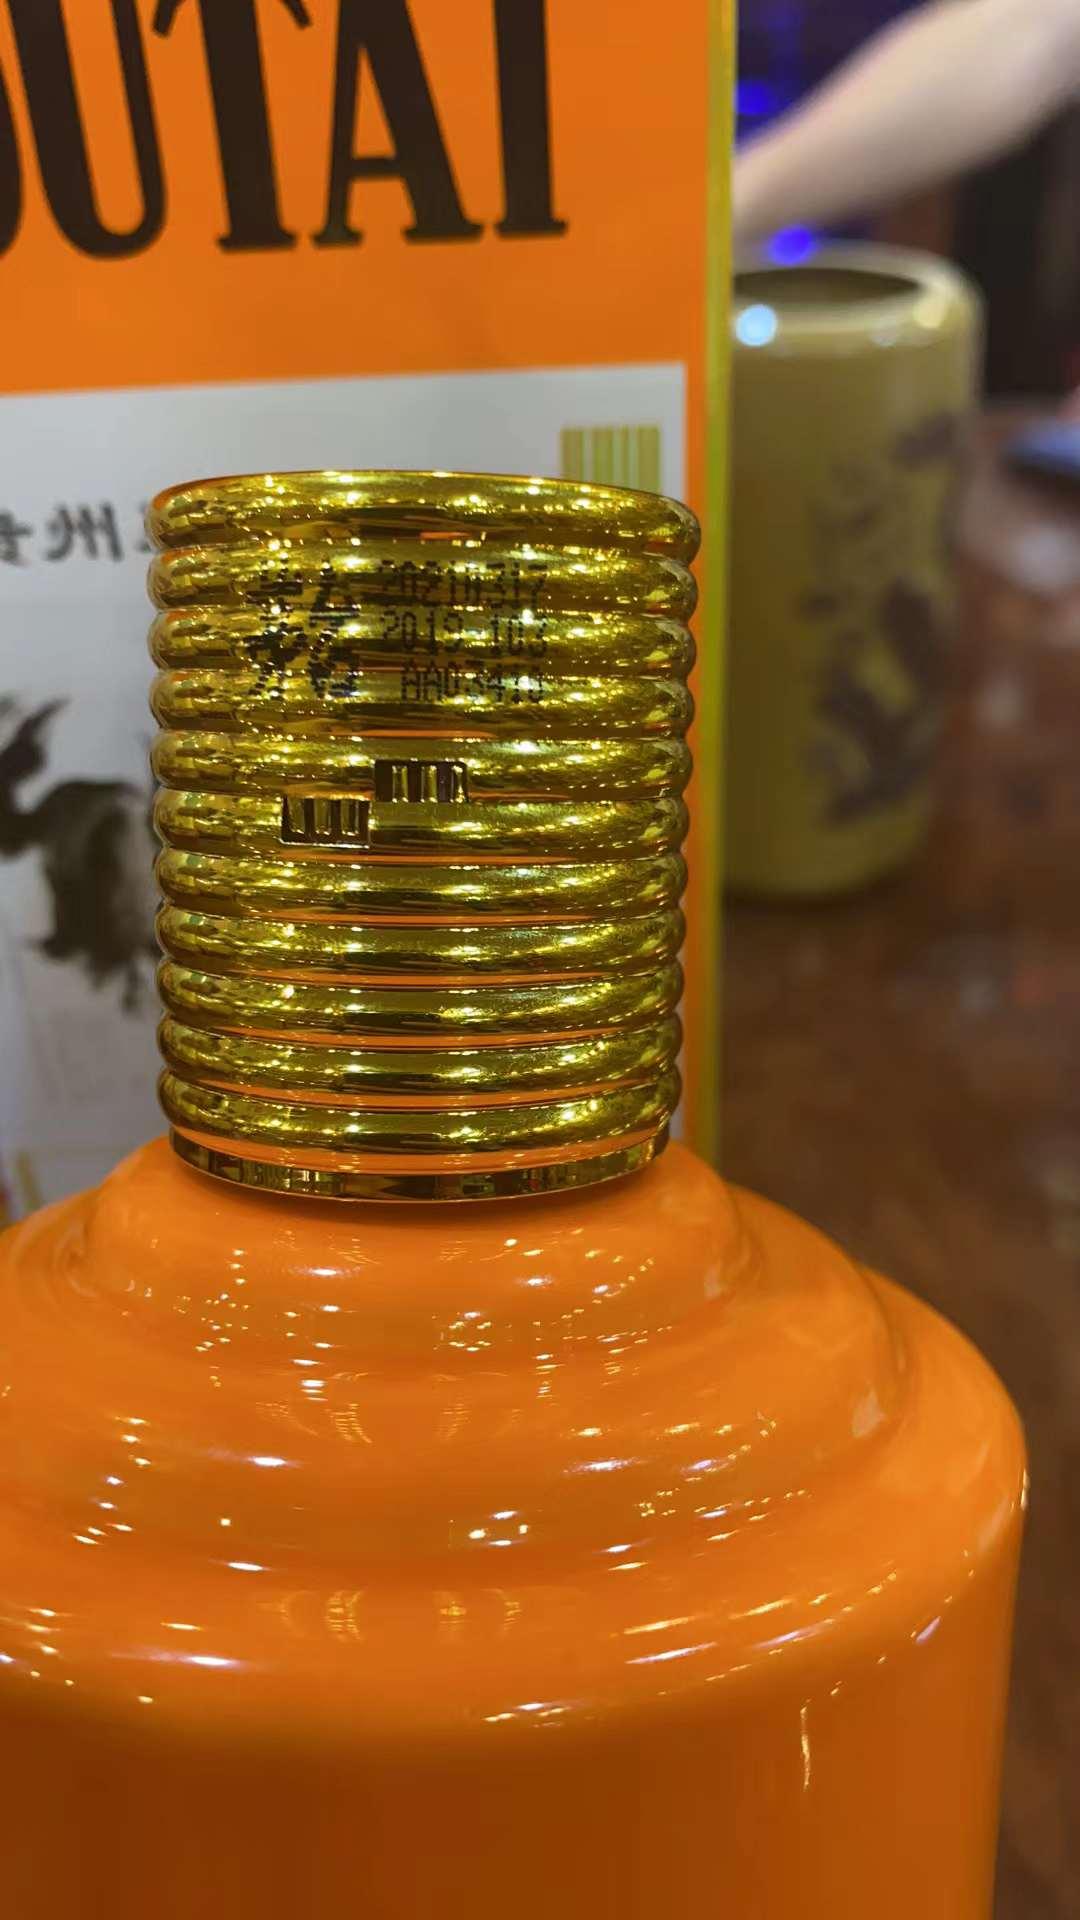 周山畲族乡茅台酒回收报价-精品茅台酒回收